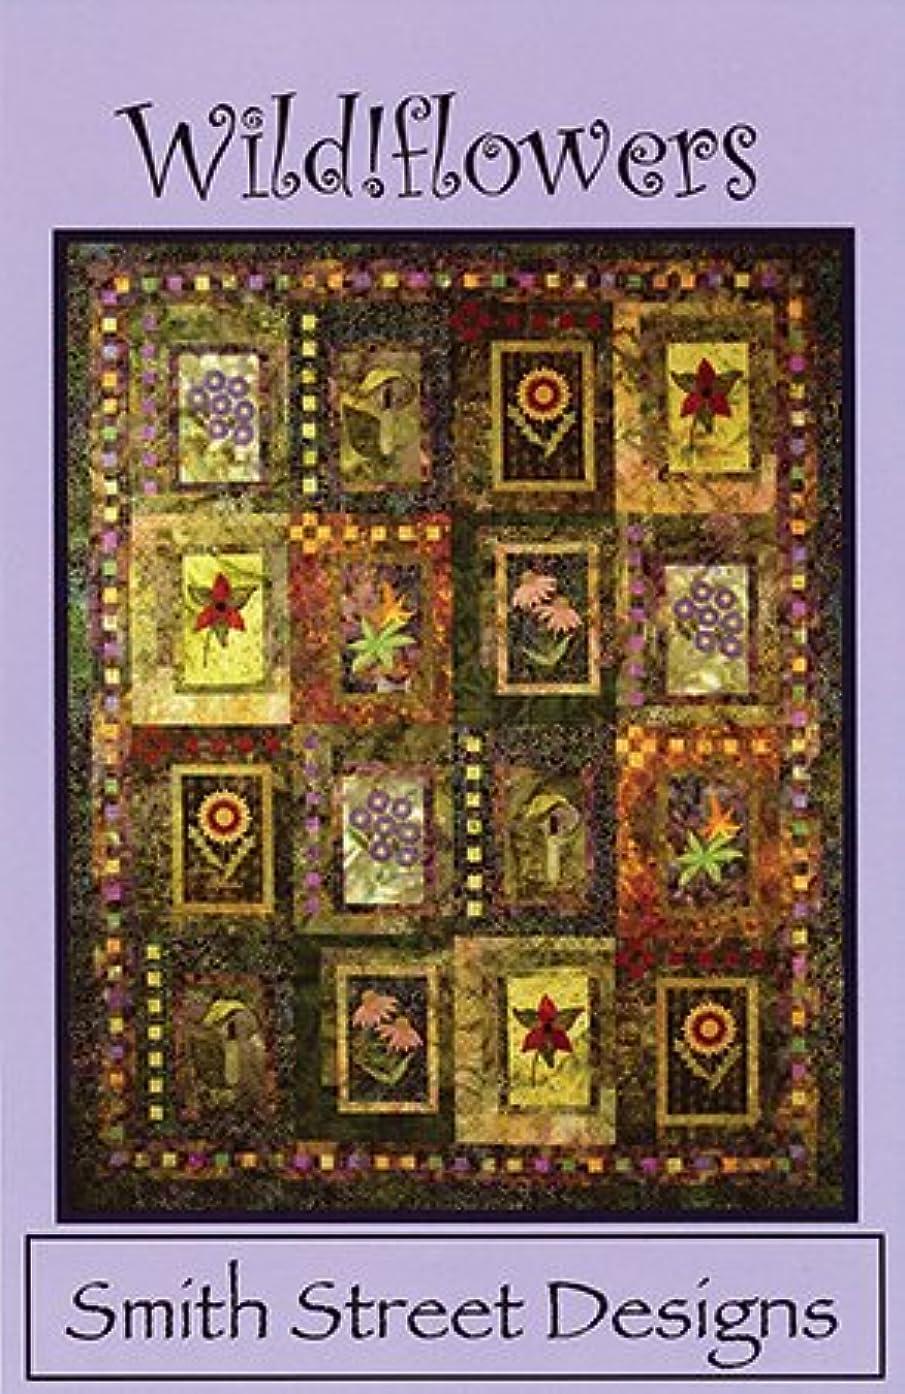 Wild!flowers Quilt Pattern